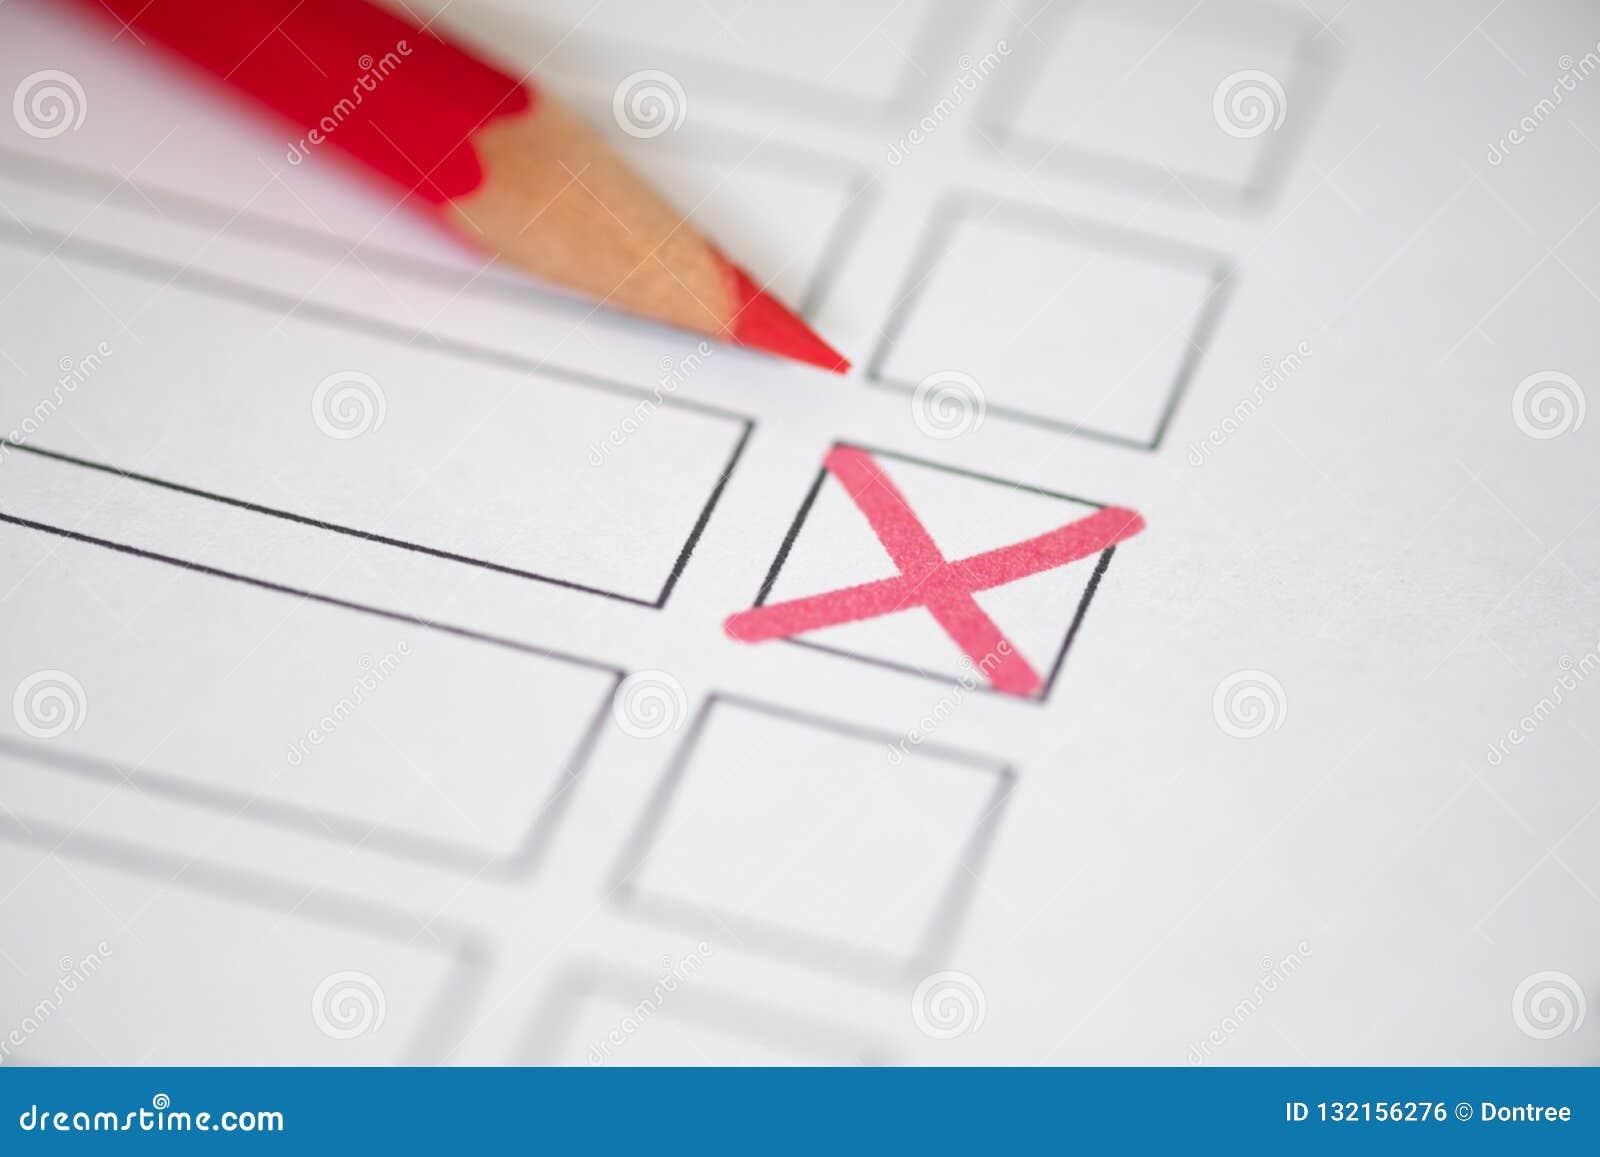 Zamyka w górę głosować biuletyn z czerwonym ołówkiem